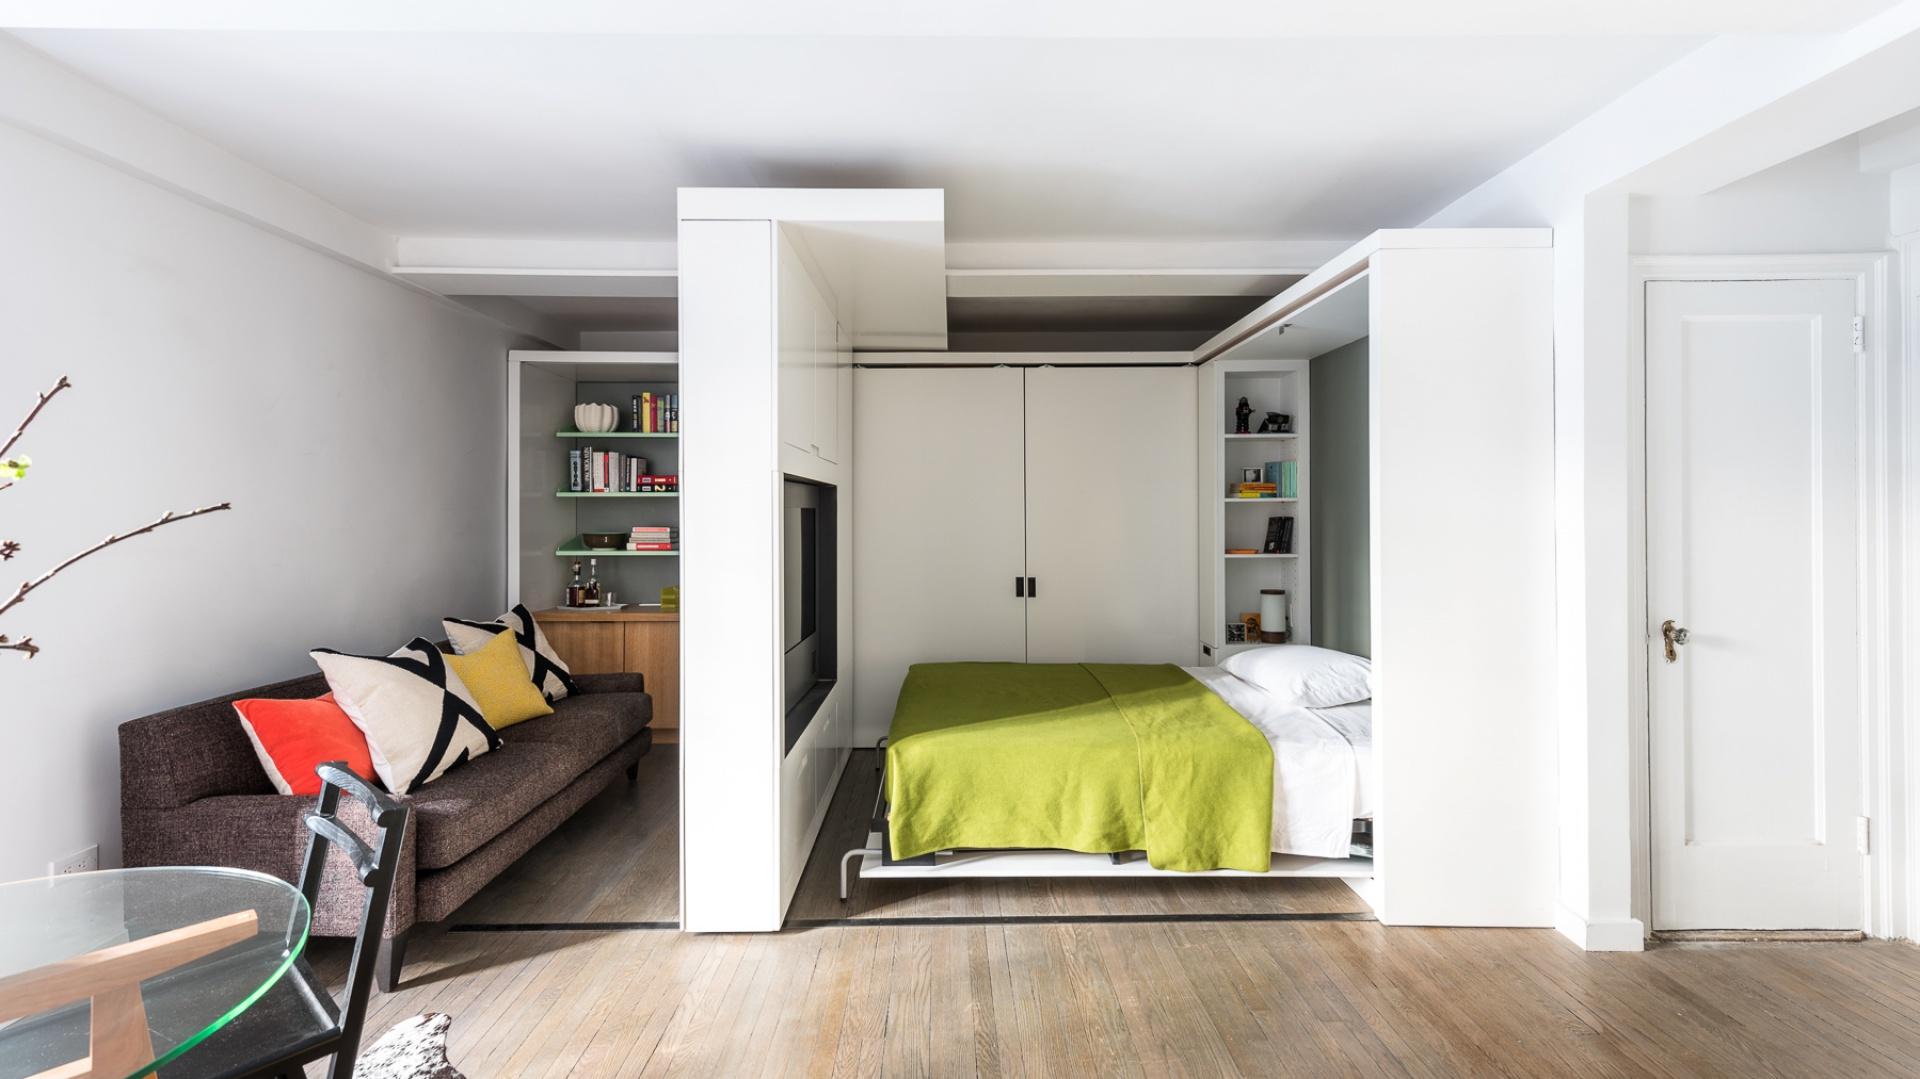 Drzwi garderoby można zamknąć, tworząc funkcję sypialni. Przy łóżku zaplanowano kilka praktycznych półek, przeznaczonych na książki do lektury przed snem. Zostały one oddzielone od większej biblioteczki w gabinecie przez obecność garderoby. Projekt: MKCA. Fot. Alan Tansey.